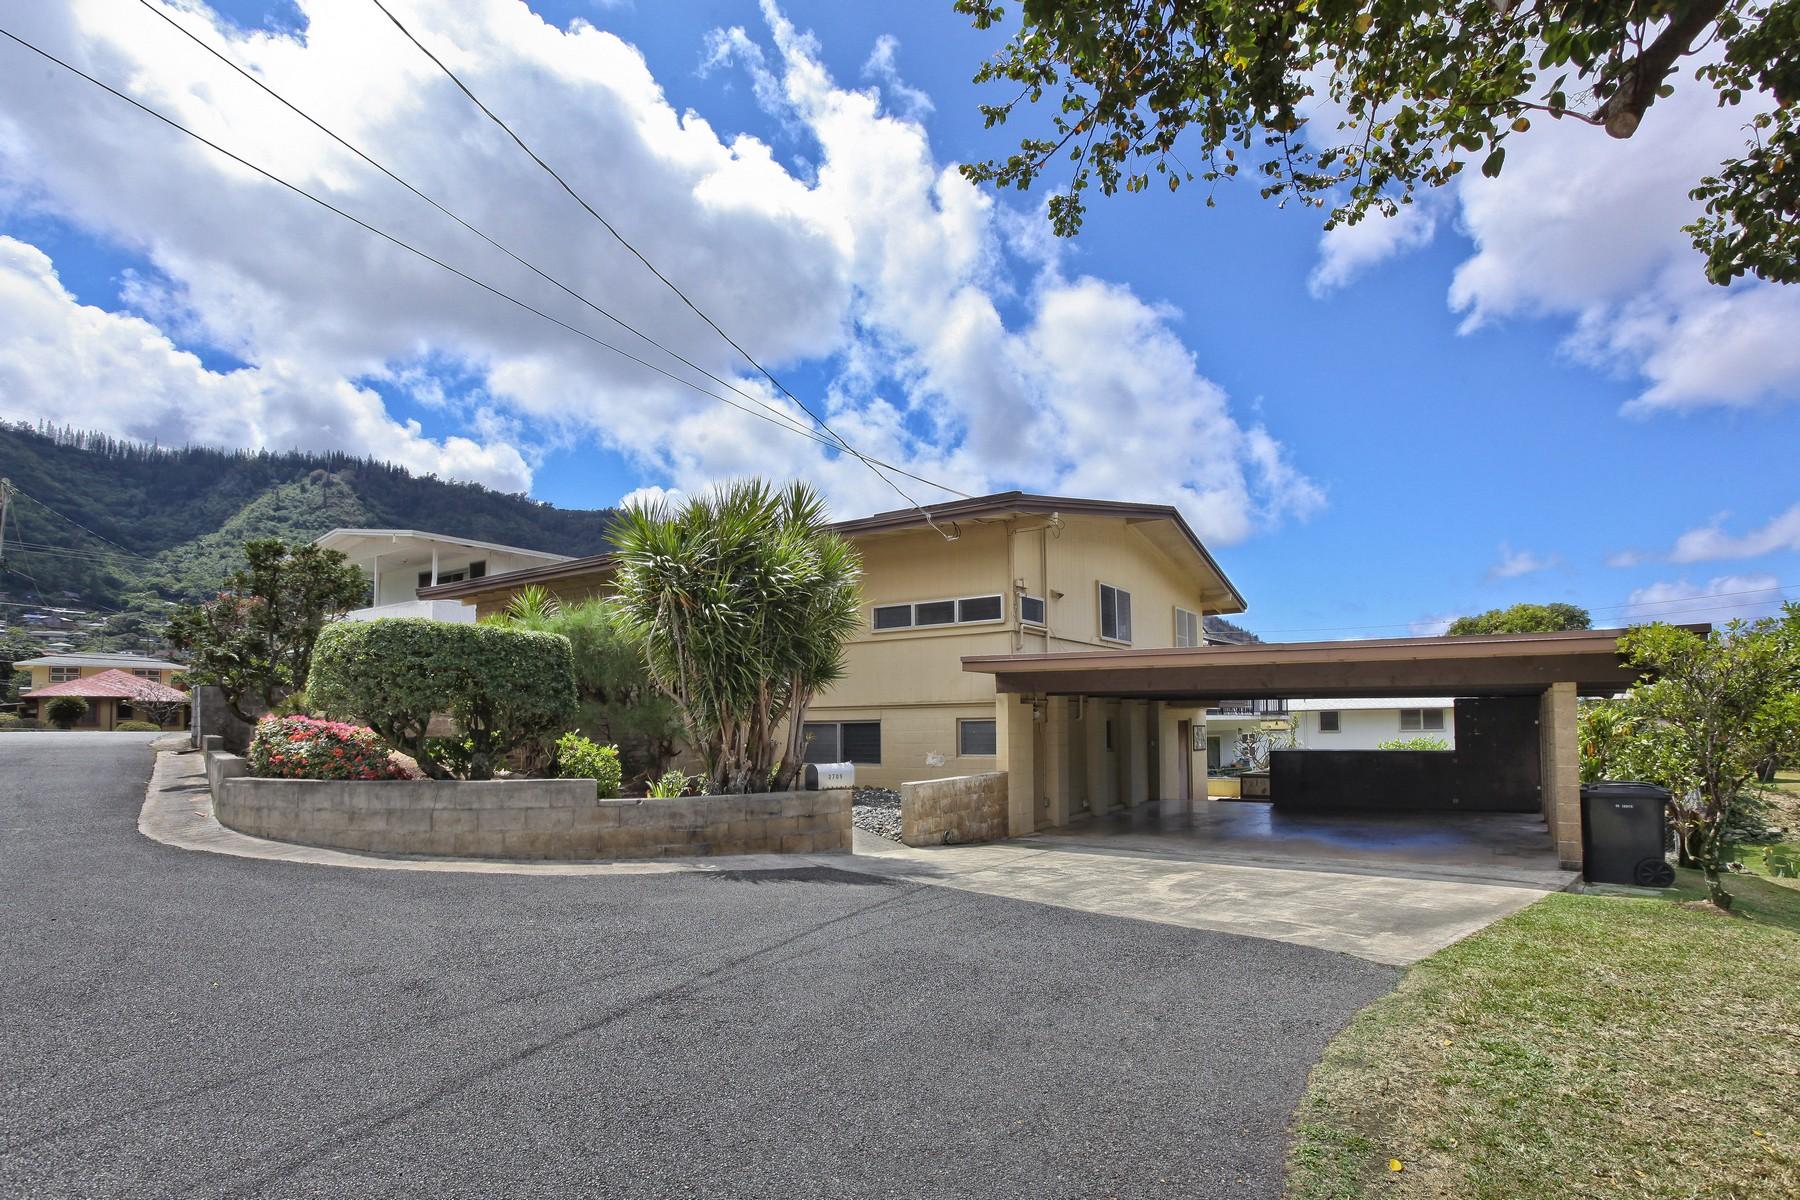 独户住宅 为 销售 在 Treasure in Manoa 2709 Napuaa Place Manoa, 火奴鲁鲁, 夏威夷, 96822 美国